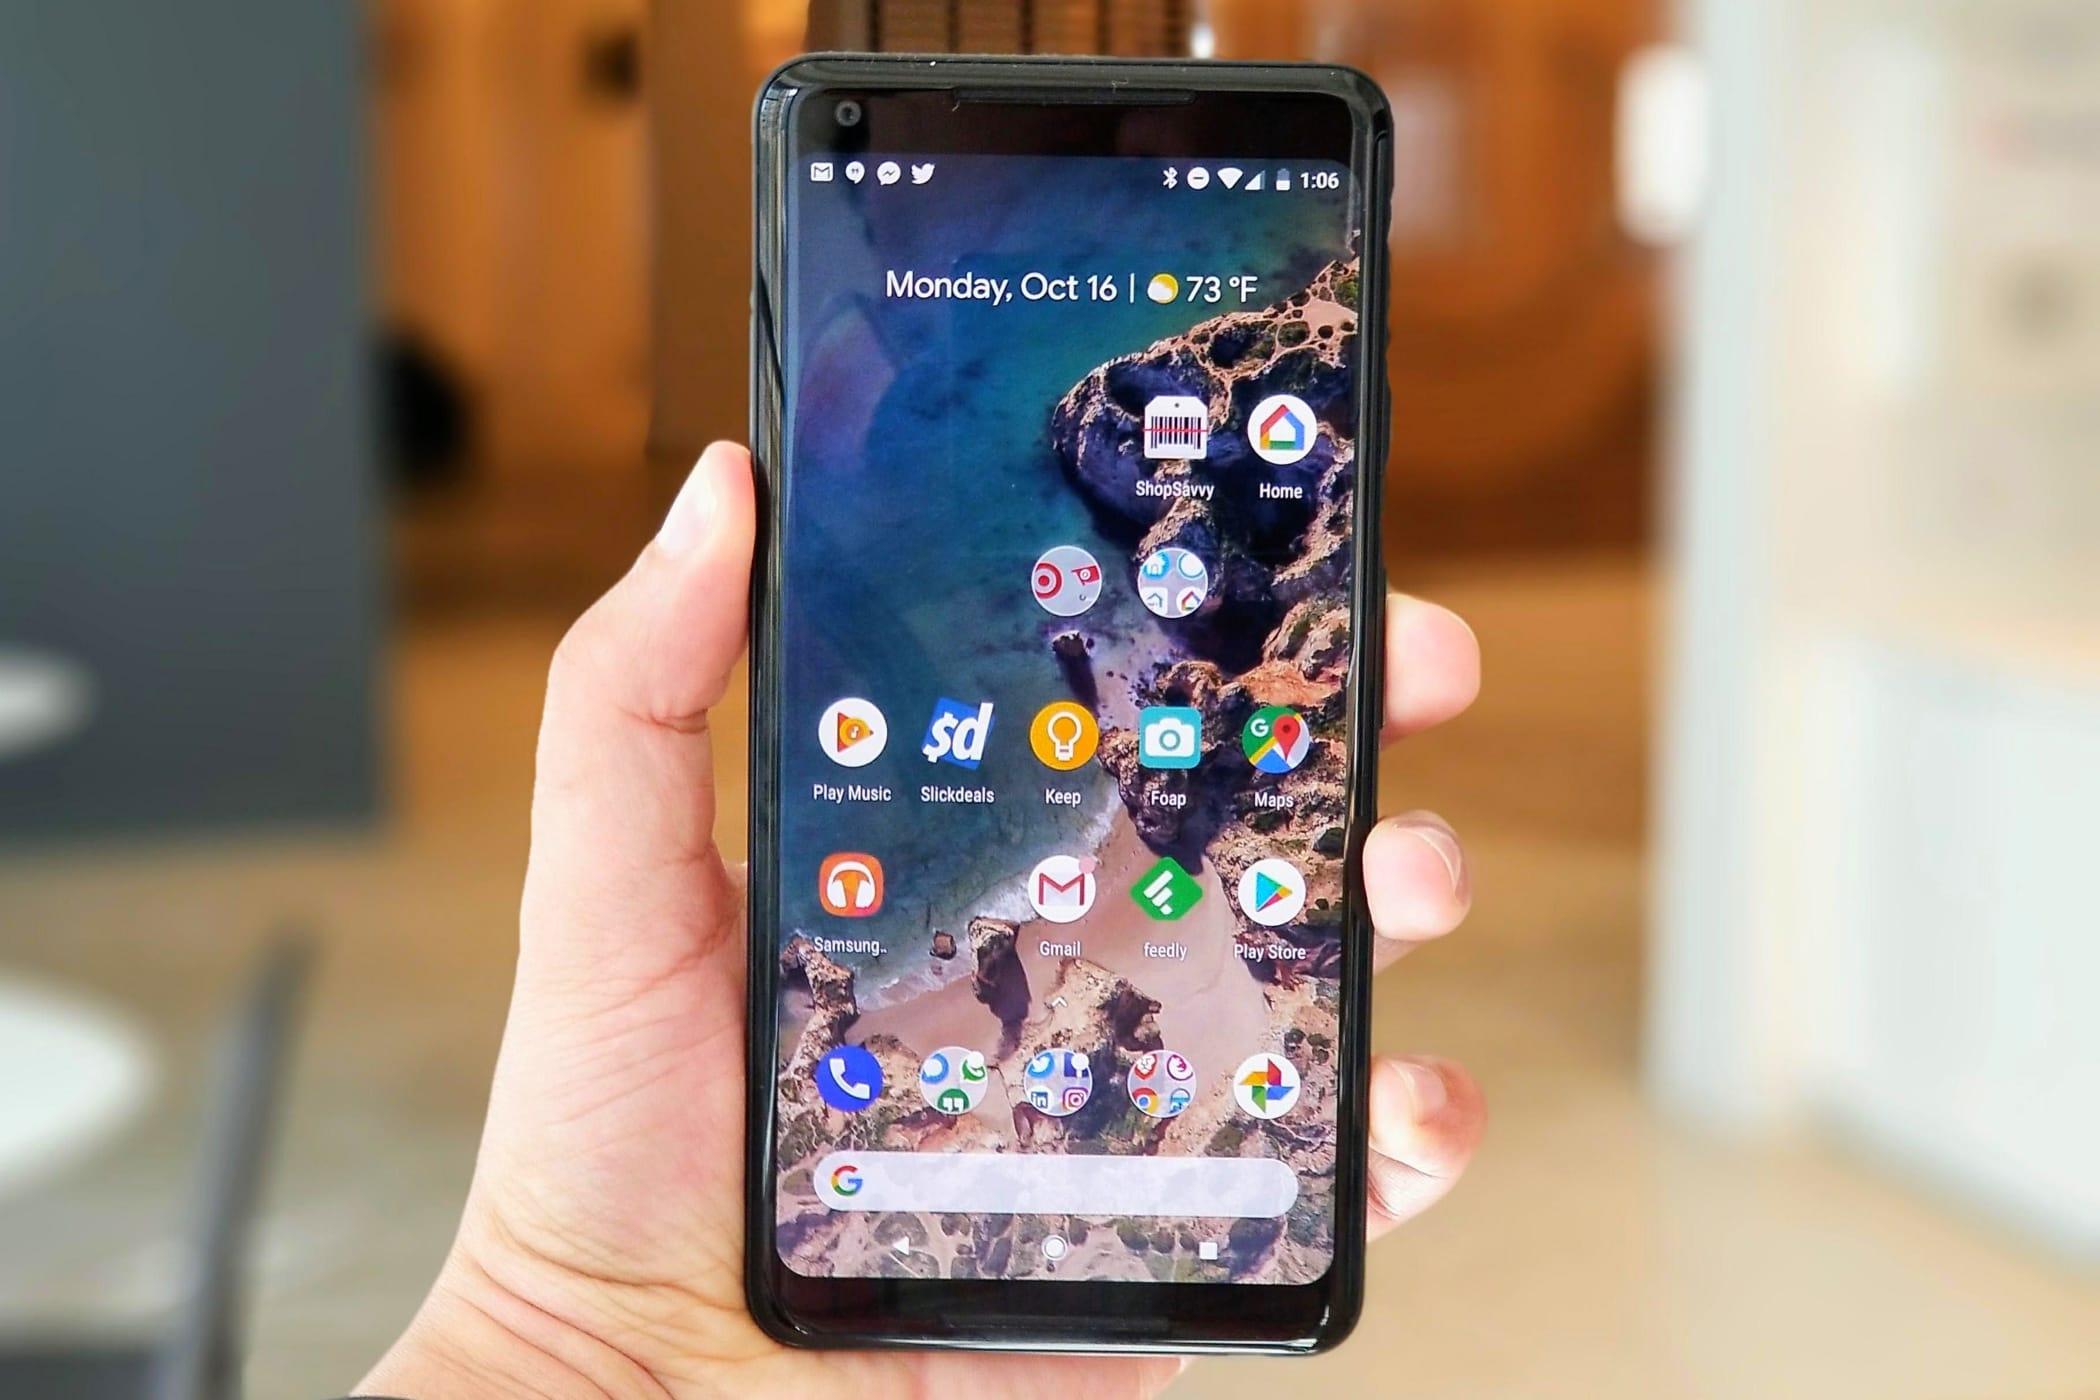 Навыставке MWC 2018 будут показаны первые мобильные телефоны под управлением андроид Go